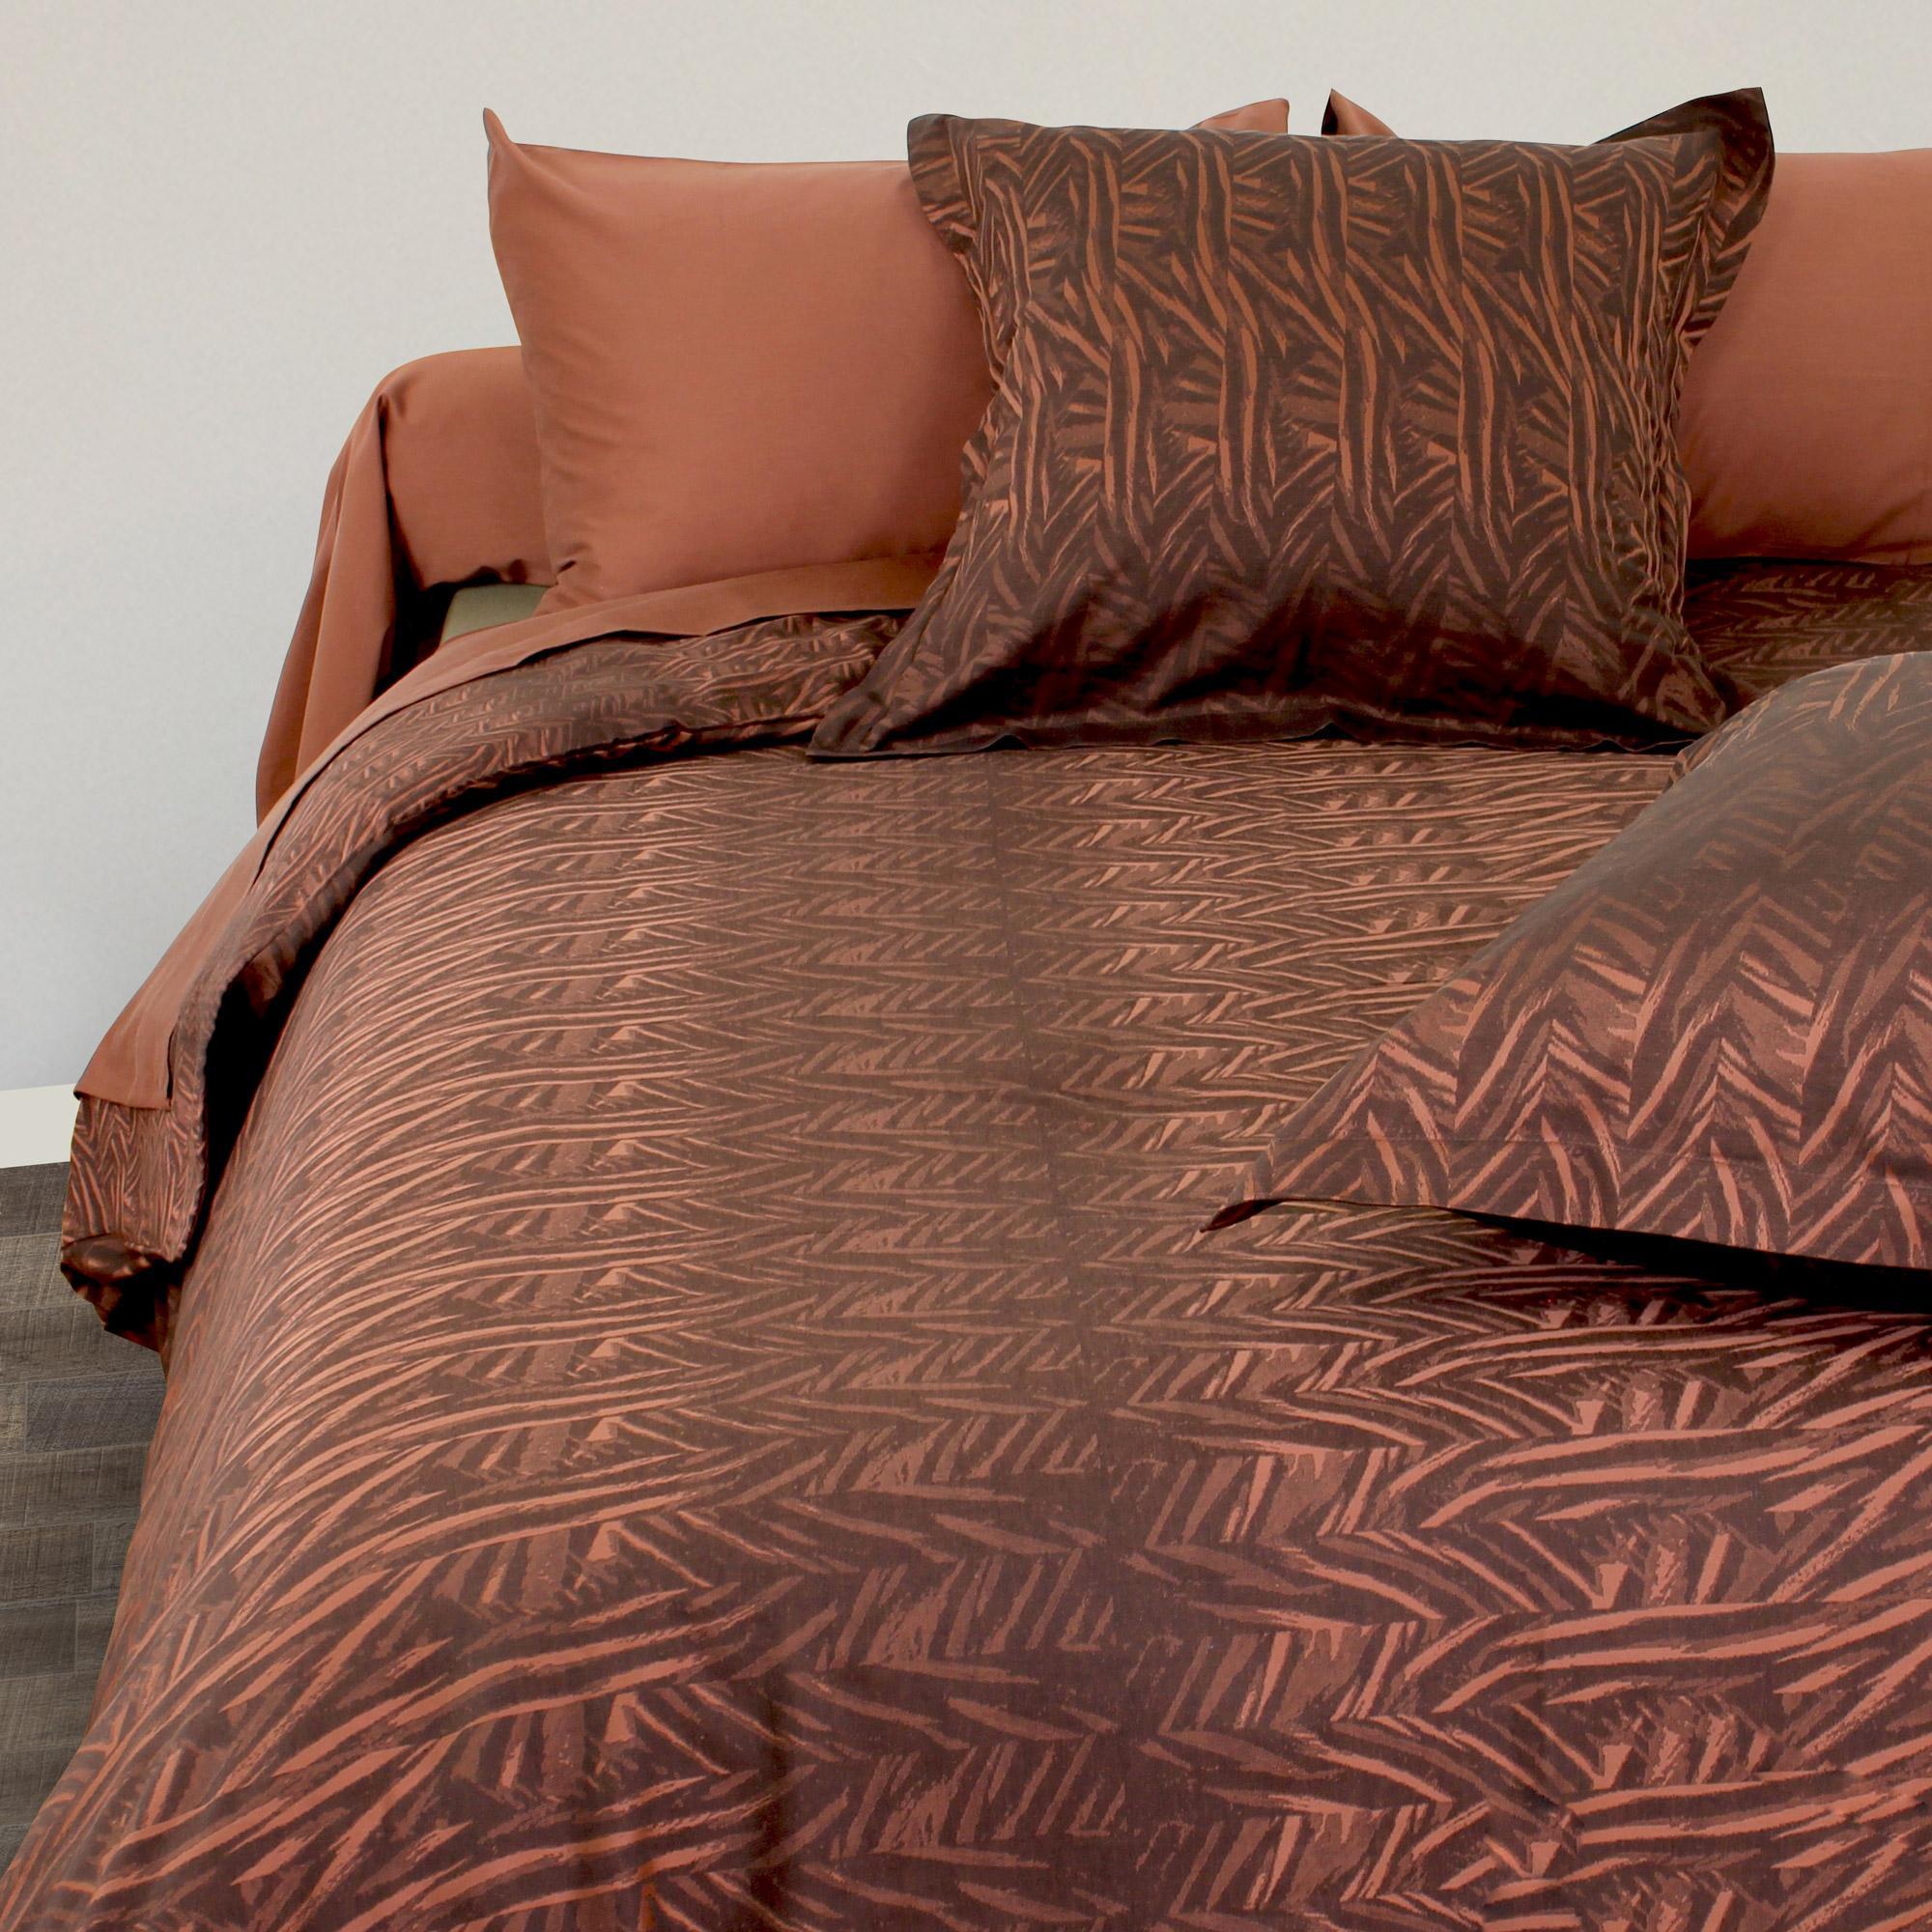 housse de couette satin de coton tiss teint 300x240 cm opera linnea linge de maison et. Black Bedroom Furniture Sets. Home Design Ideas